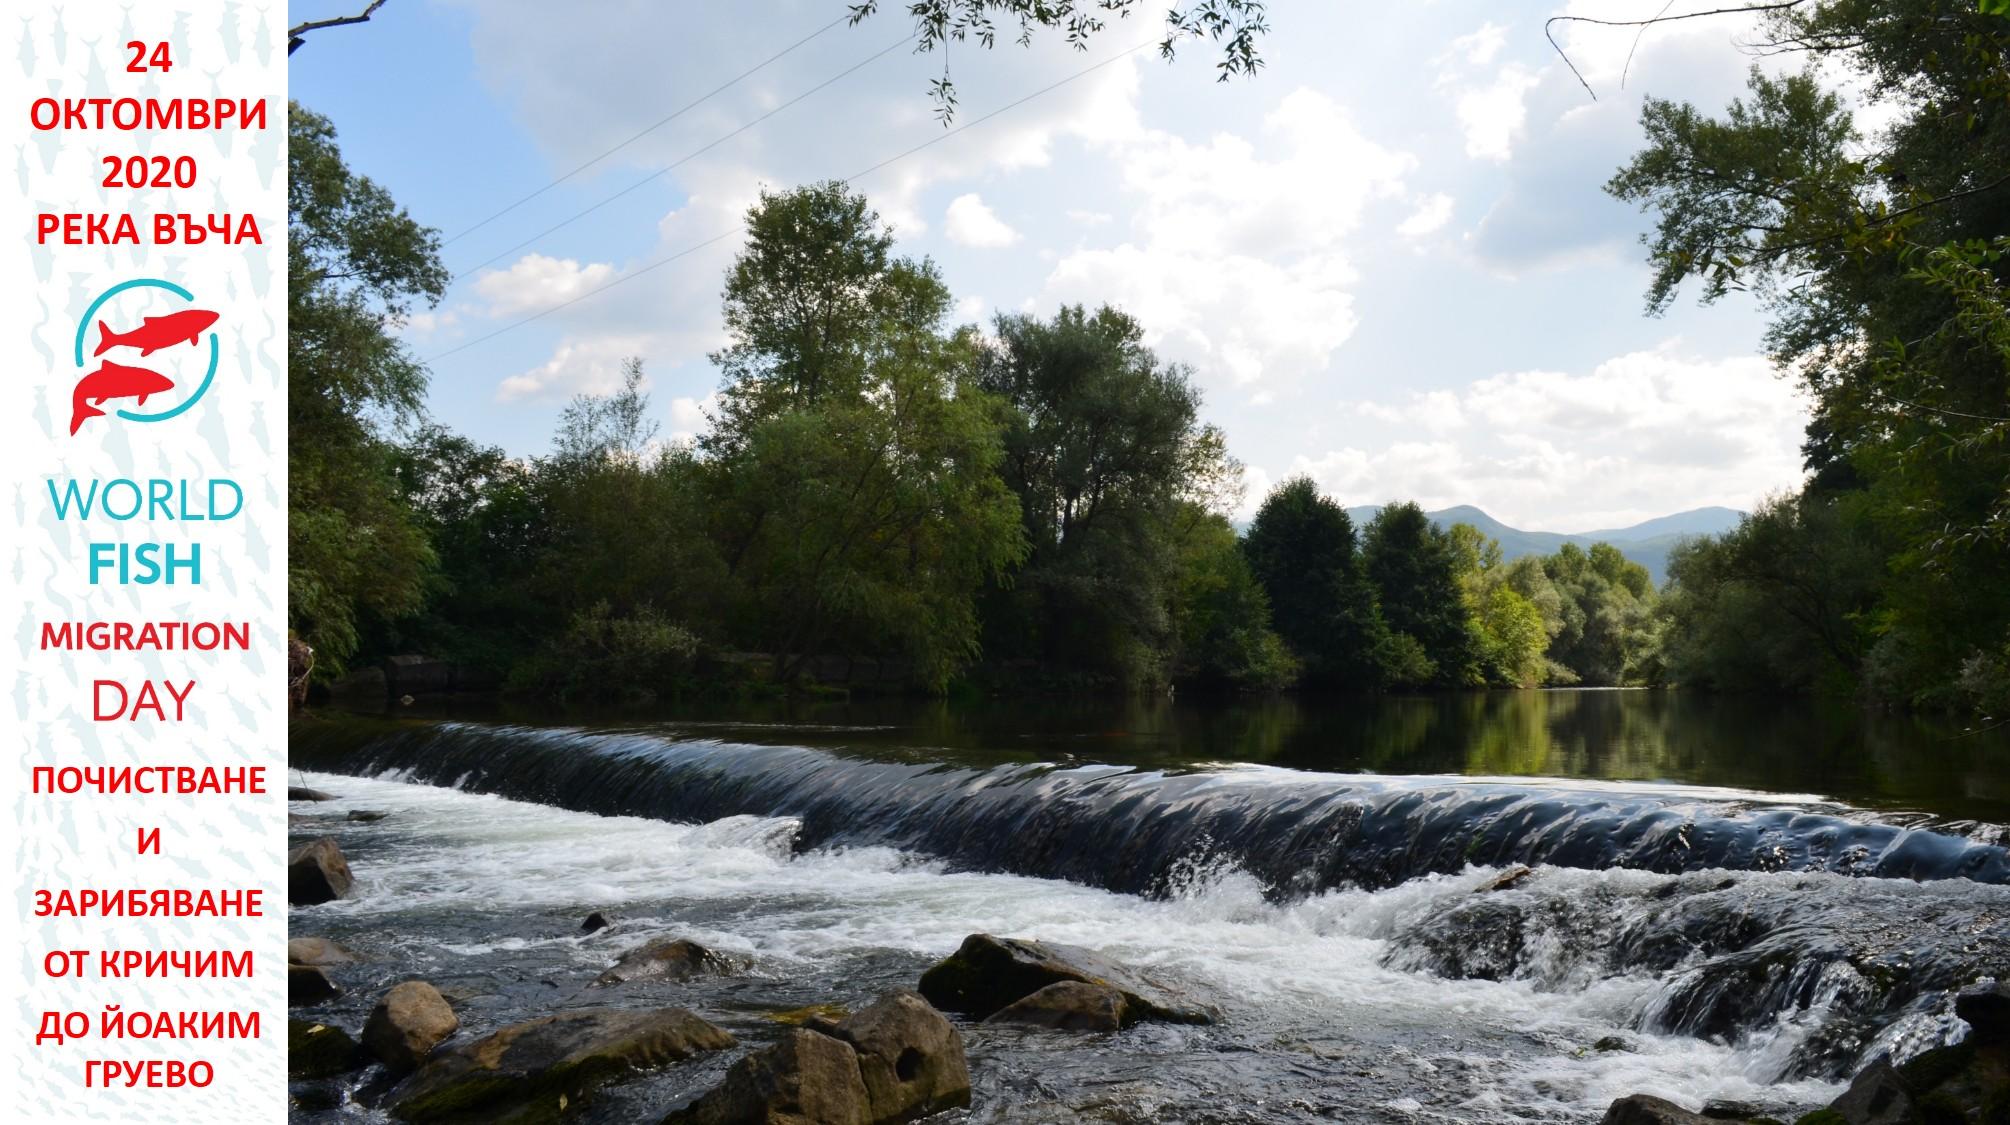 """Организация  за екоакция: """"Дай шанс на балканката"""" - река Въча 24.10.2020"""